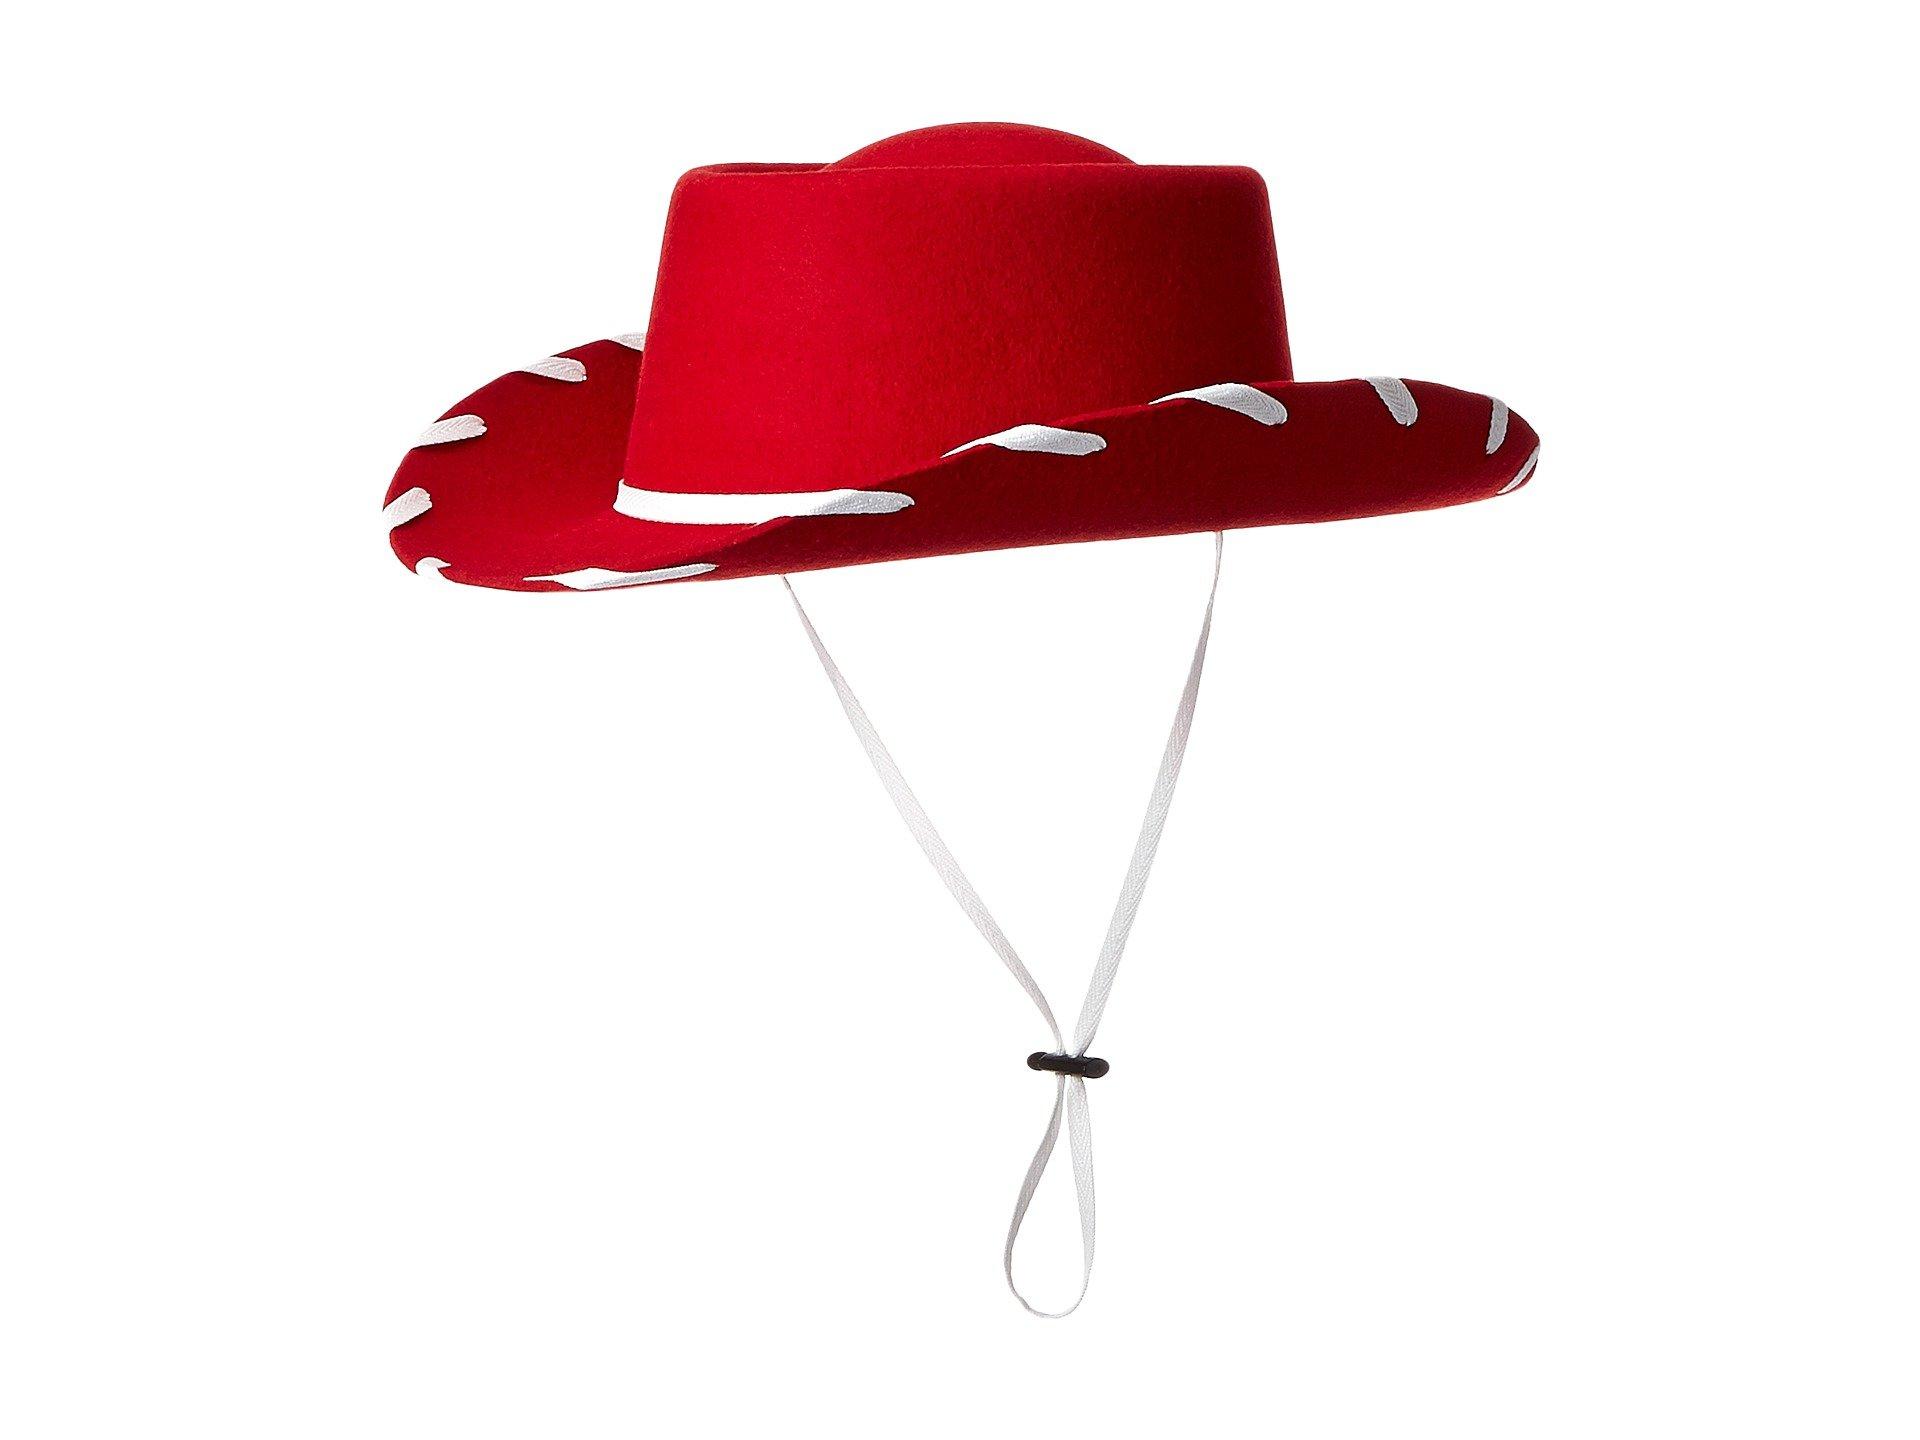 Felt Cowboy Hats Amazon 757f8354217